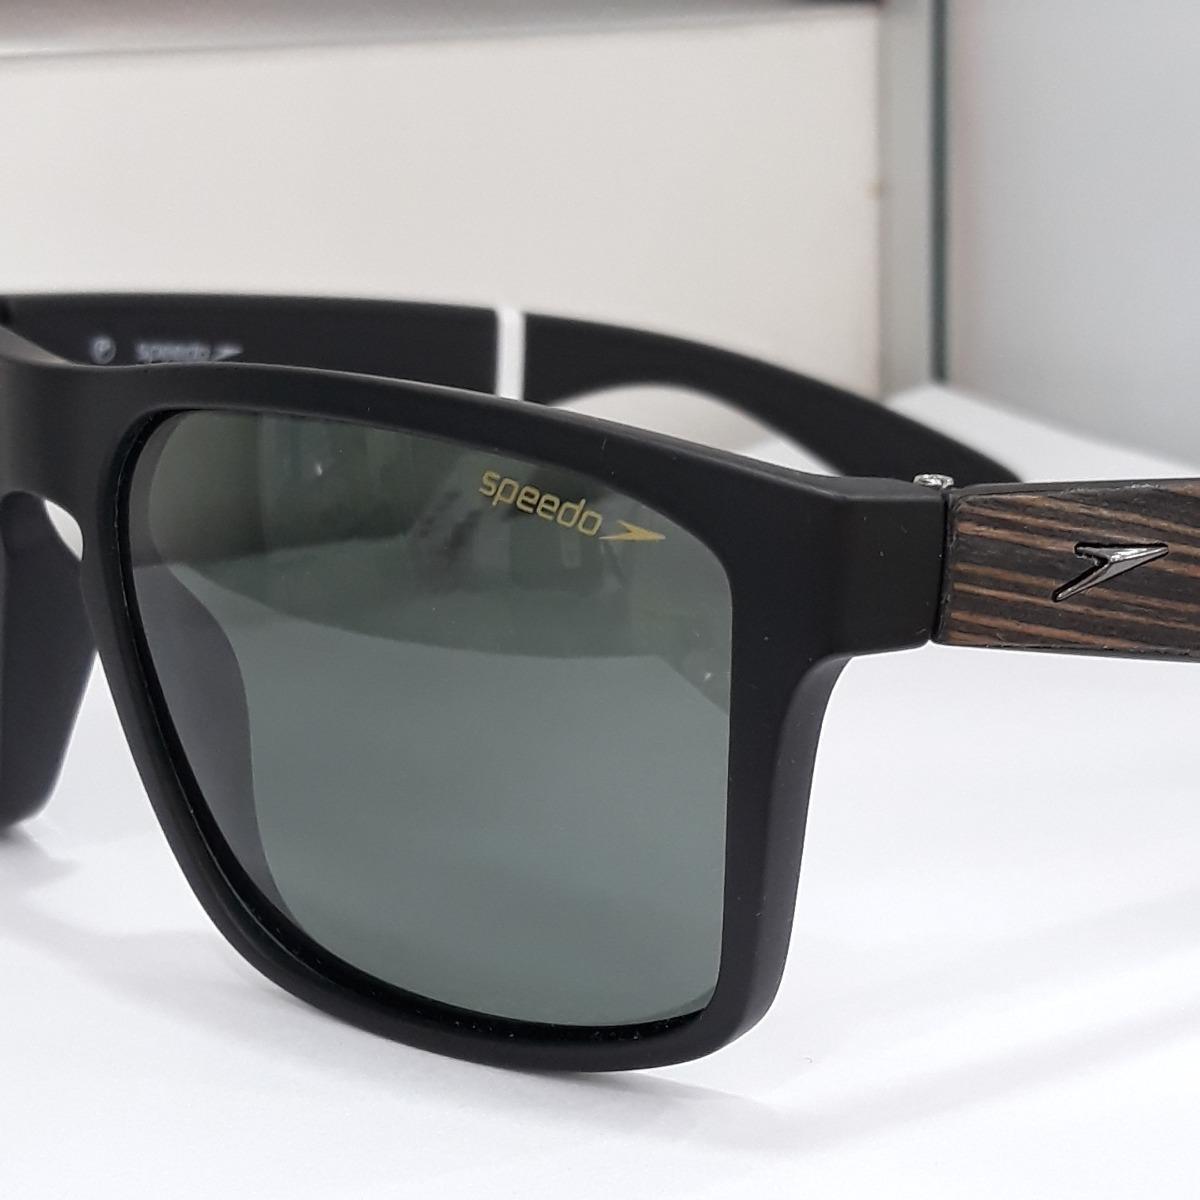 d6c356c02 óculos de sol speedo modelo sirena com lente polarizada. Carregando zoom.